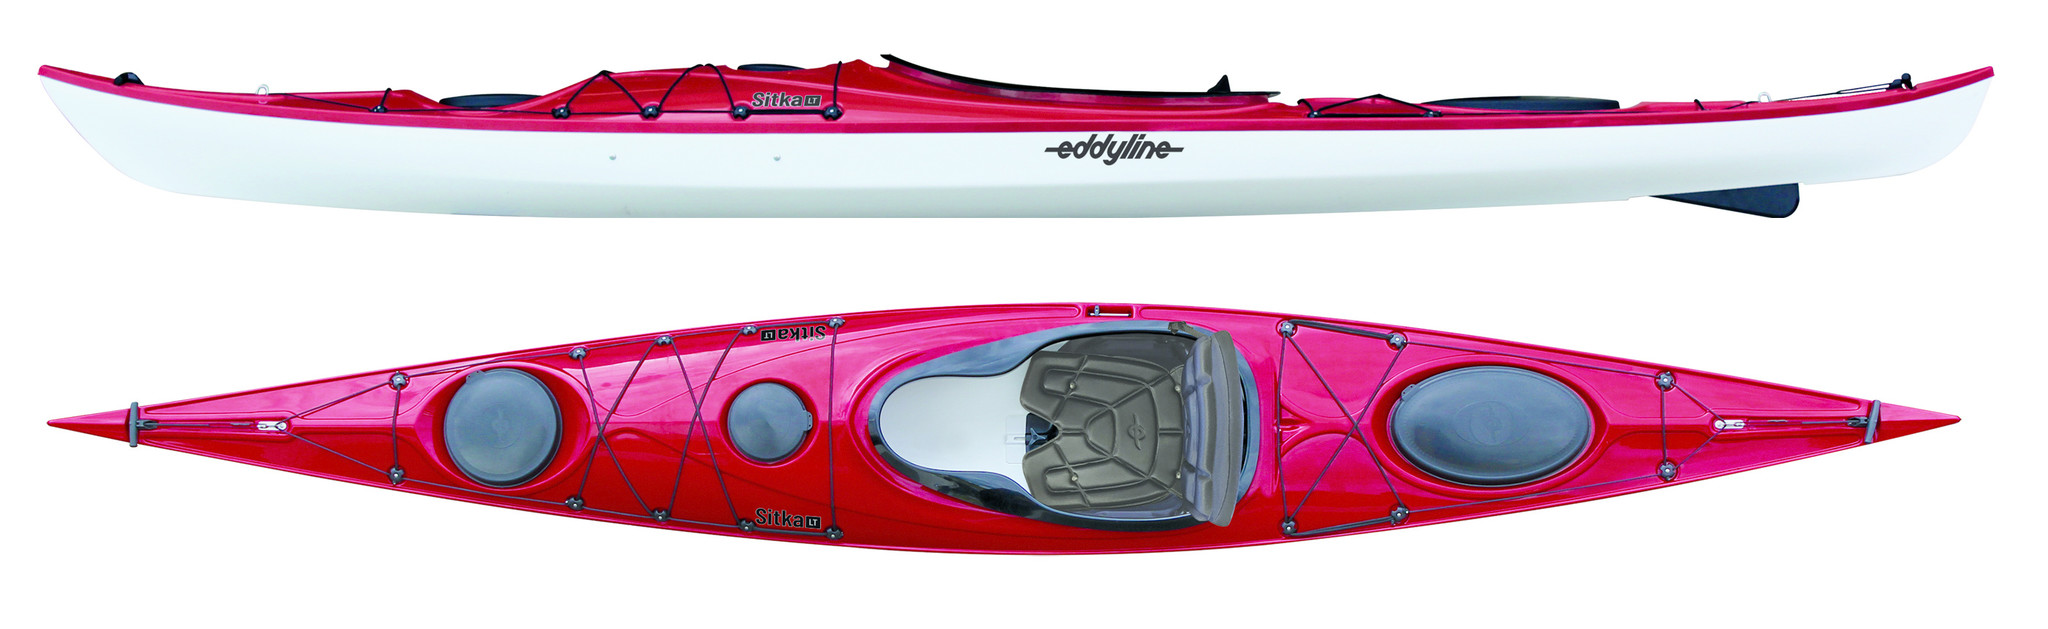 Eddyline Sitka LT Kayak